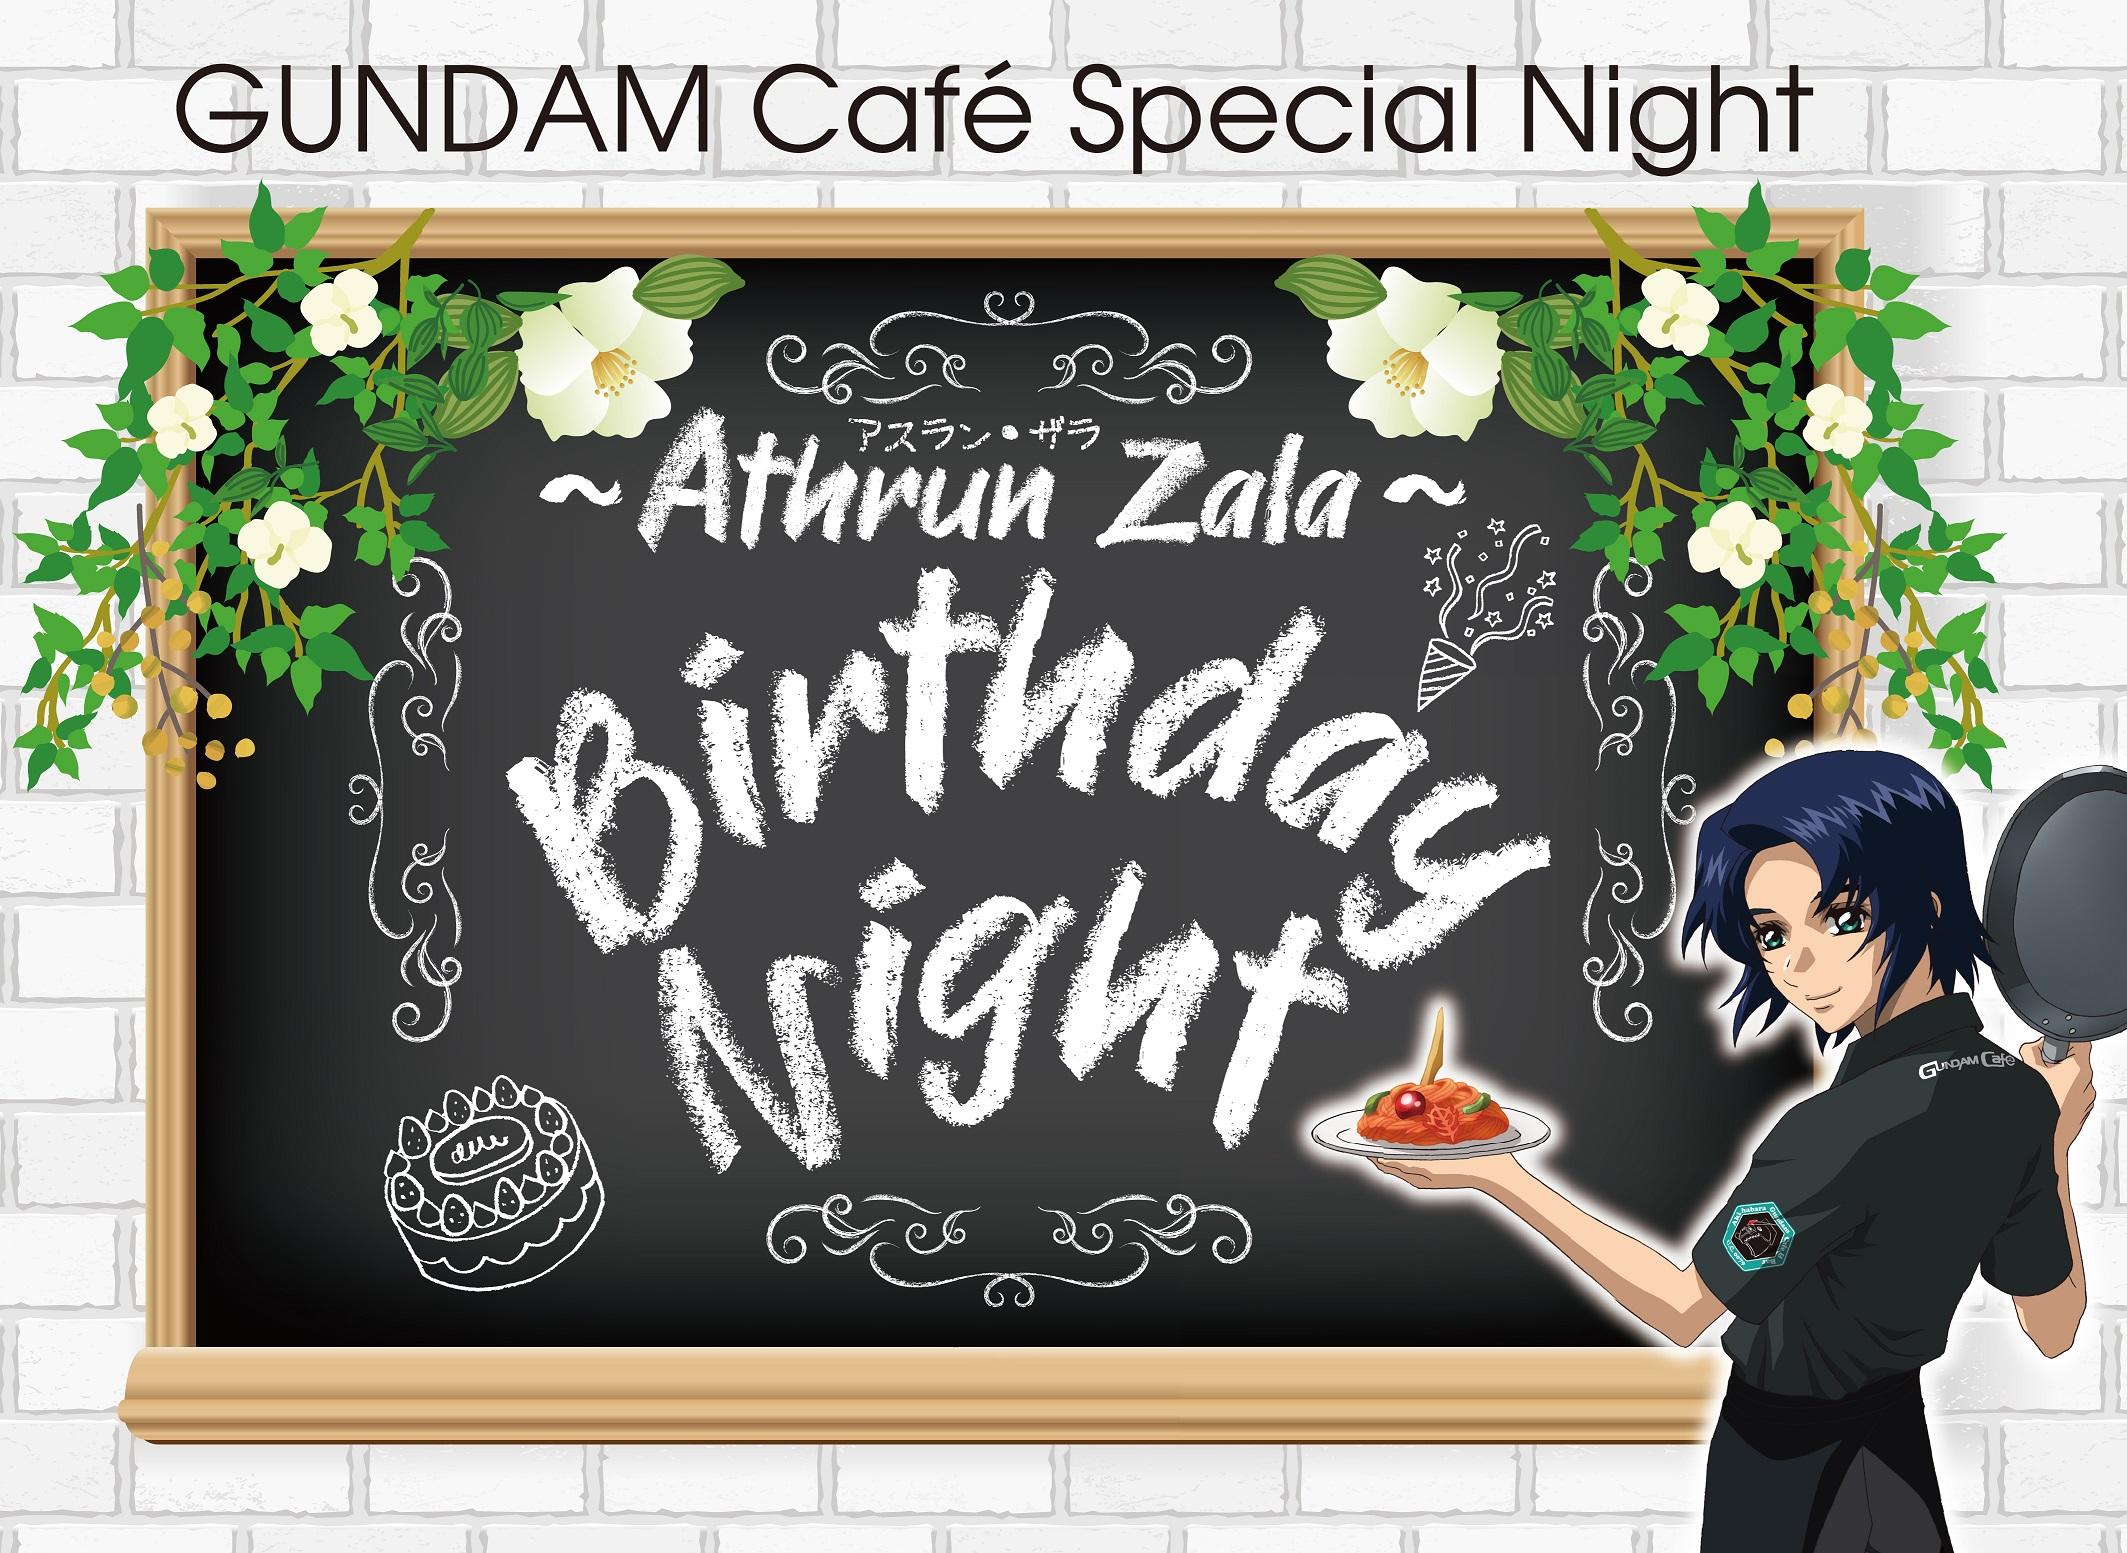 【ガンダムスクエア11/7】アスラン・ザラ Birthday Night